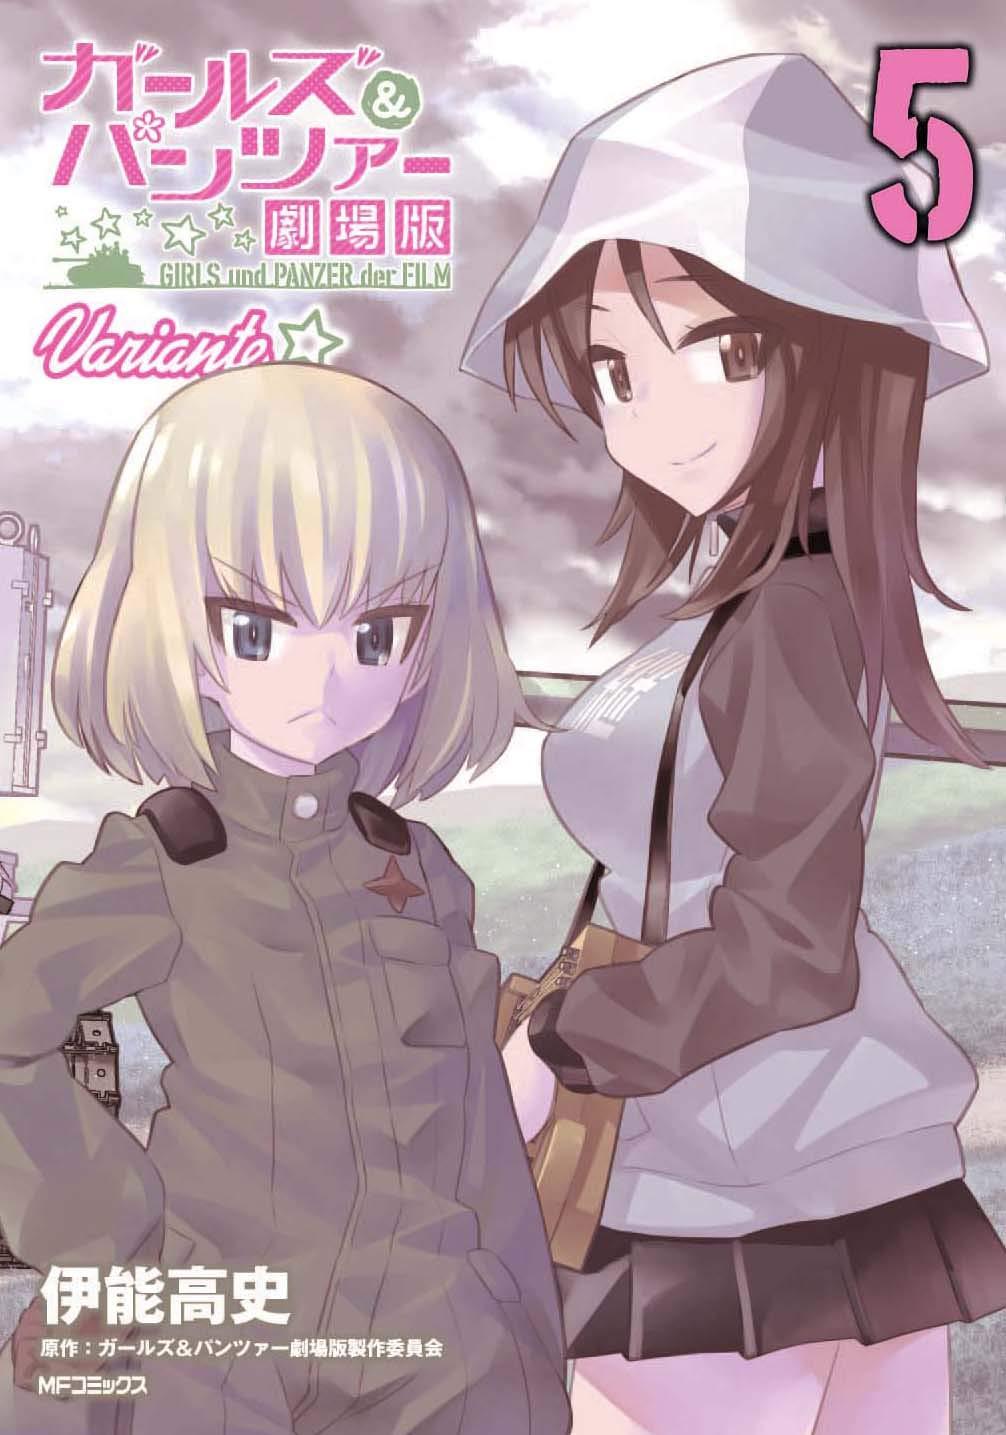 ガールズ&パンツァー 劇場版 Variante 第5巻